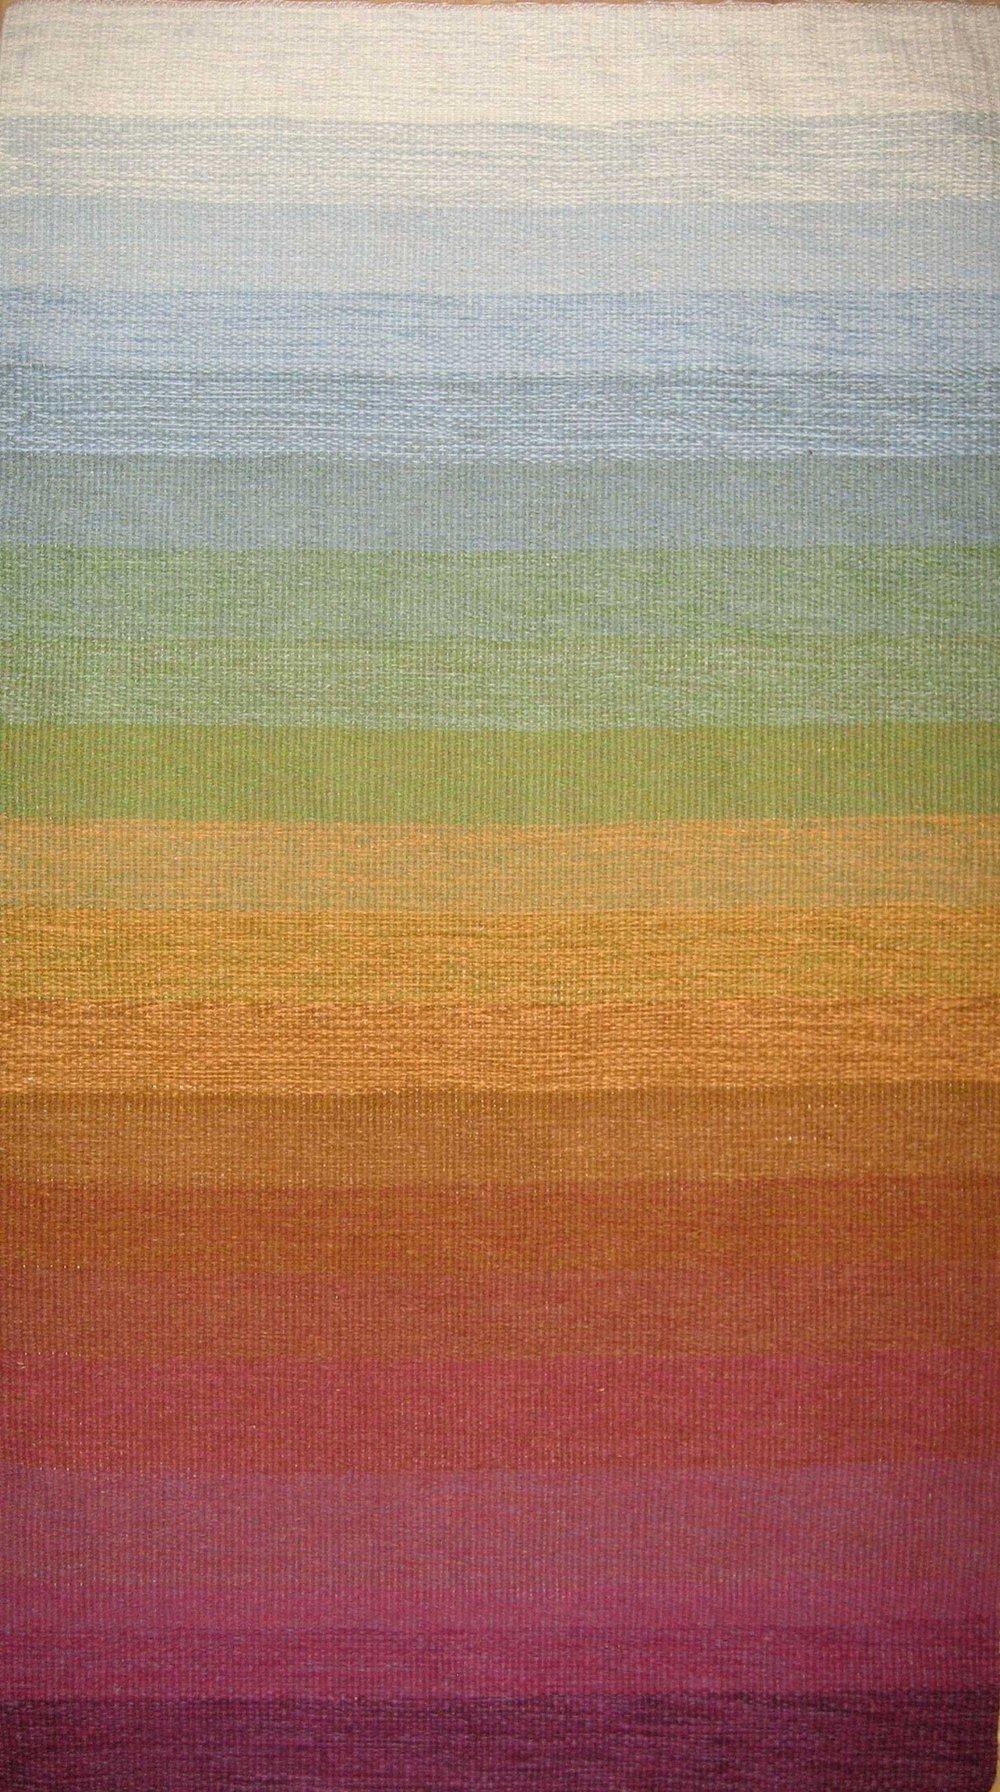 JJ0127.  Wool & linen. 87 x 147 cm.